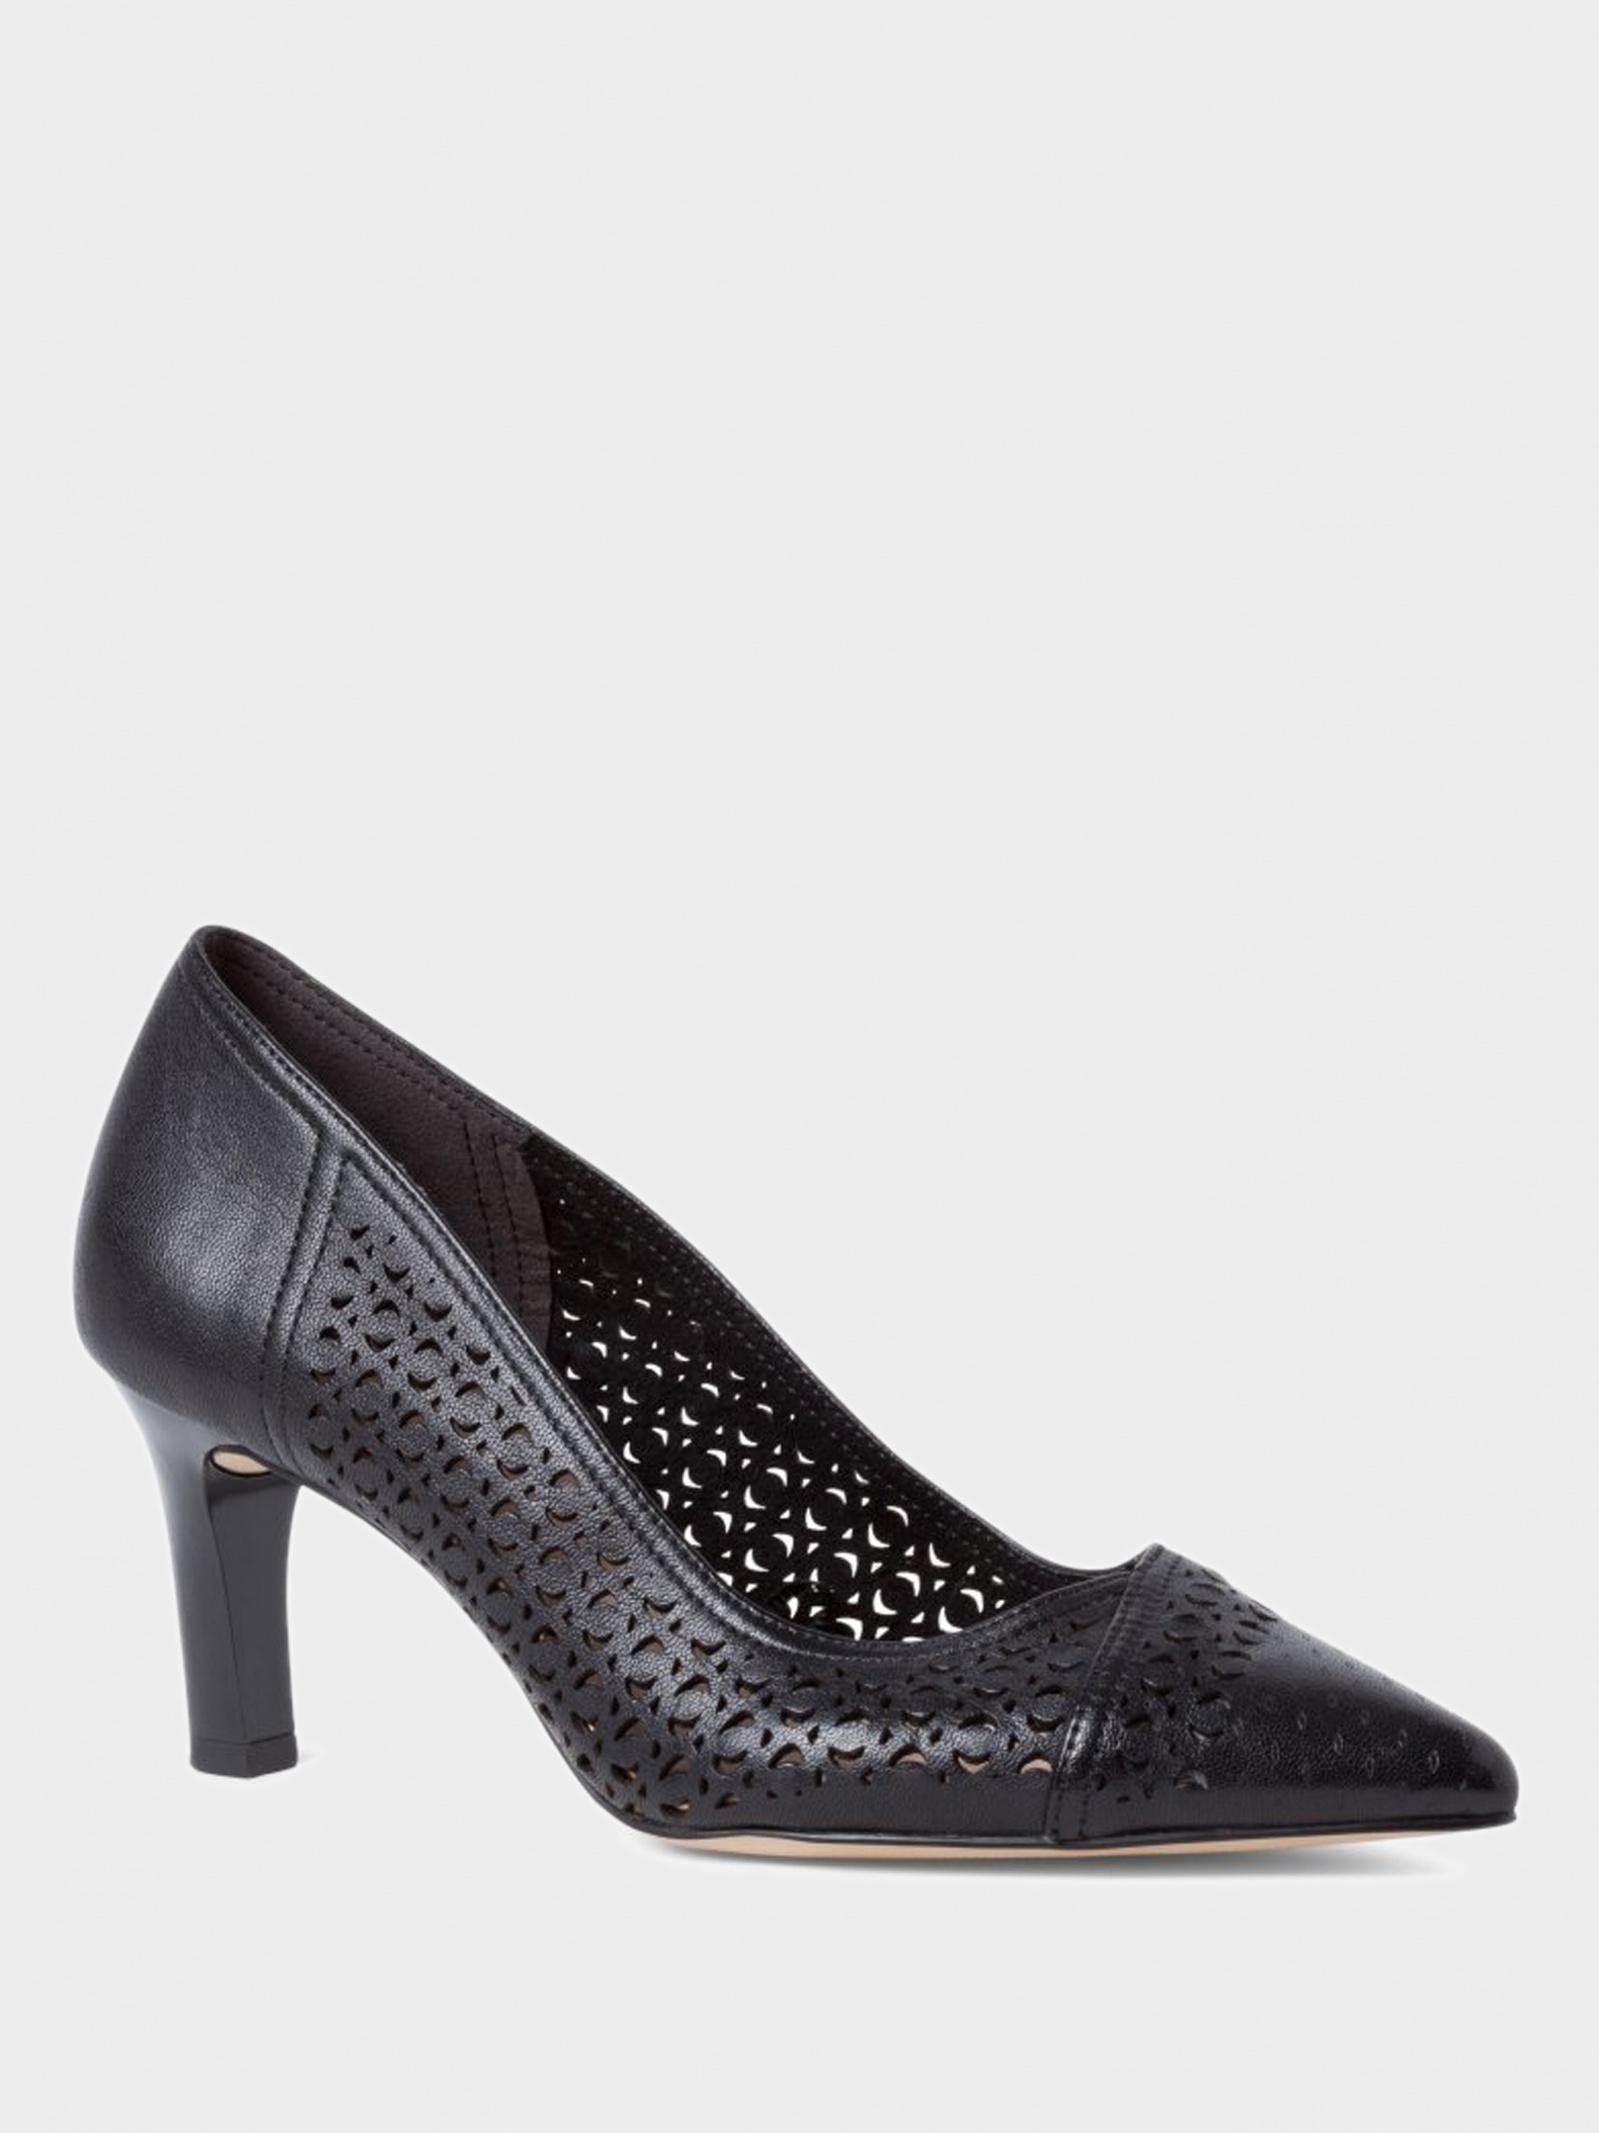 Туфлі  для жінок Tamaris 22419-24-001 black продаж, 2017